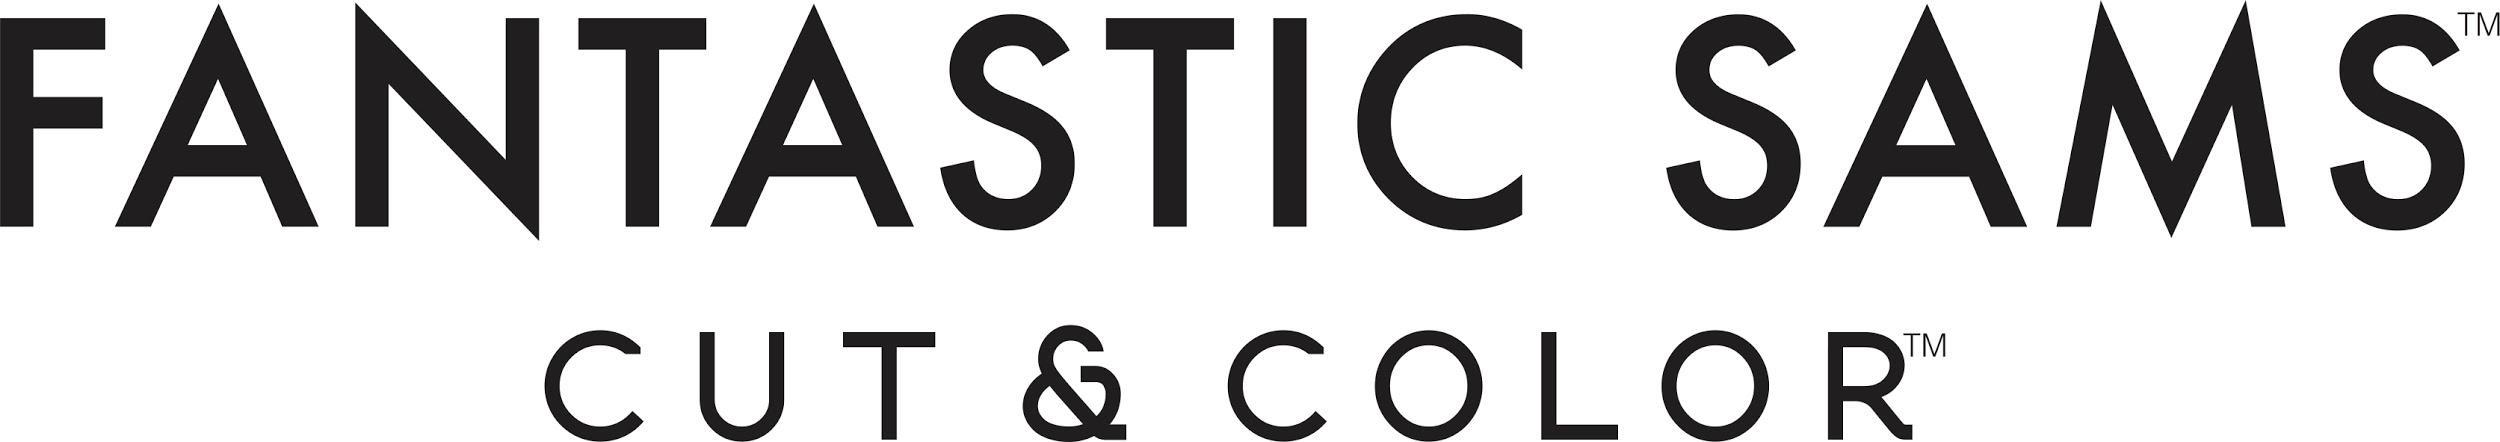 Fantastic Sams : Logo